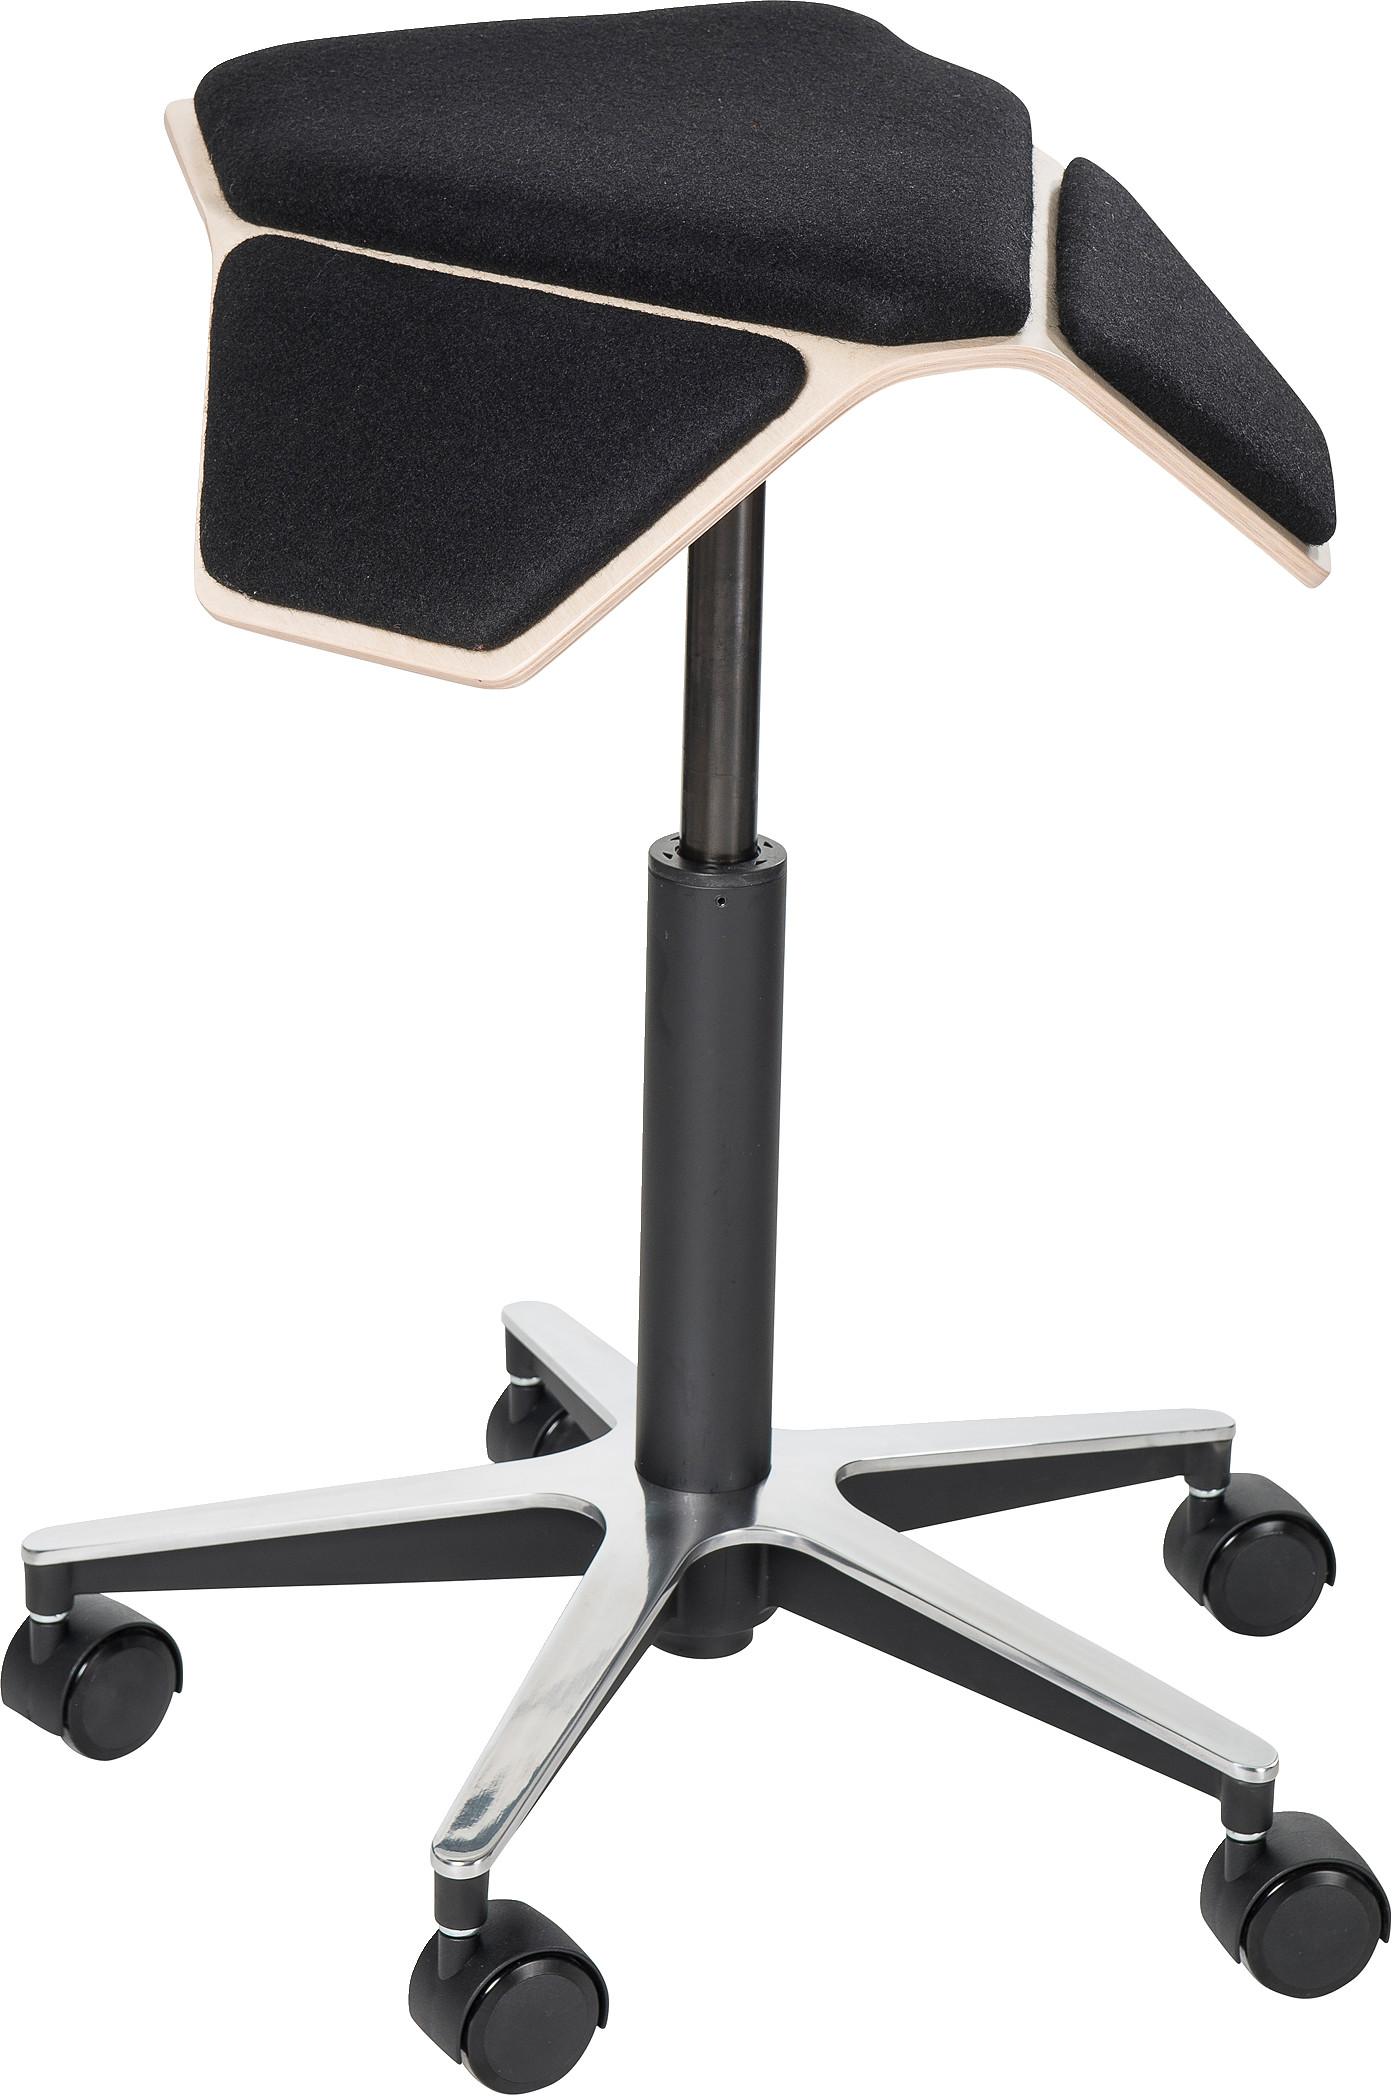 Työtuoli Optimum ZKN toimistotuoli hyvän työtuolin hinta 366€